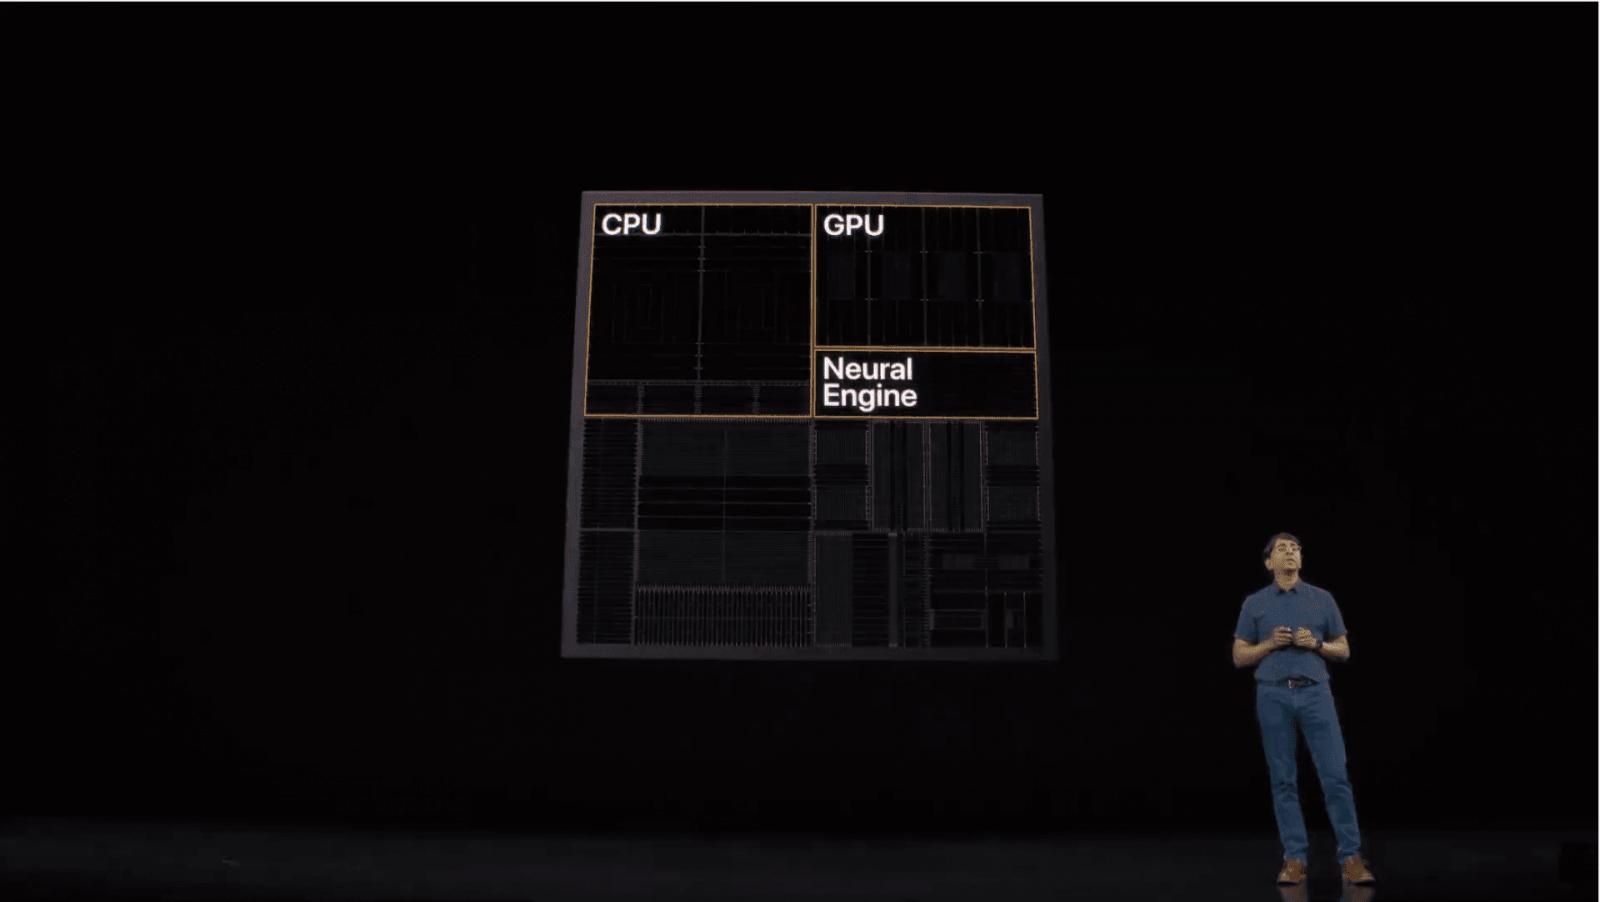 Чип A13 Bionic для новых iPhone 11 стал самым мощным чипом для смартфонов на рынке (176)